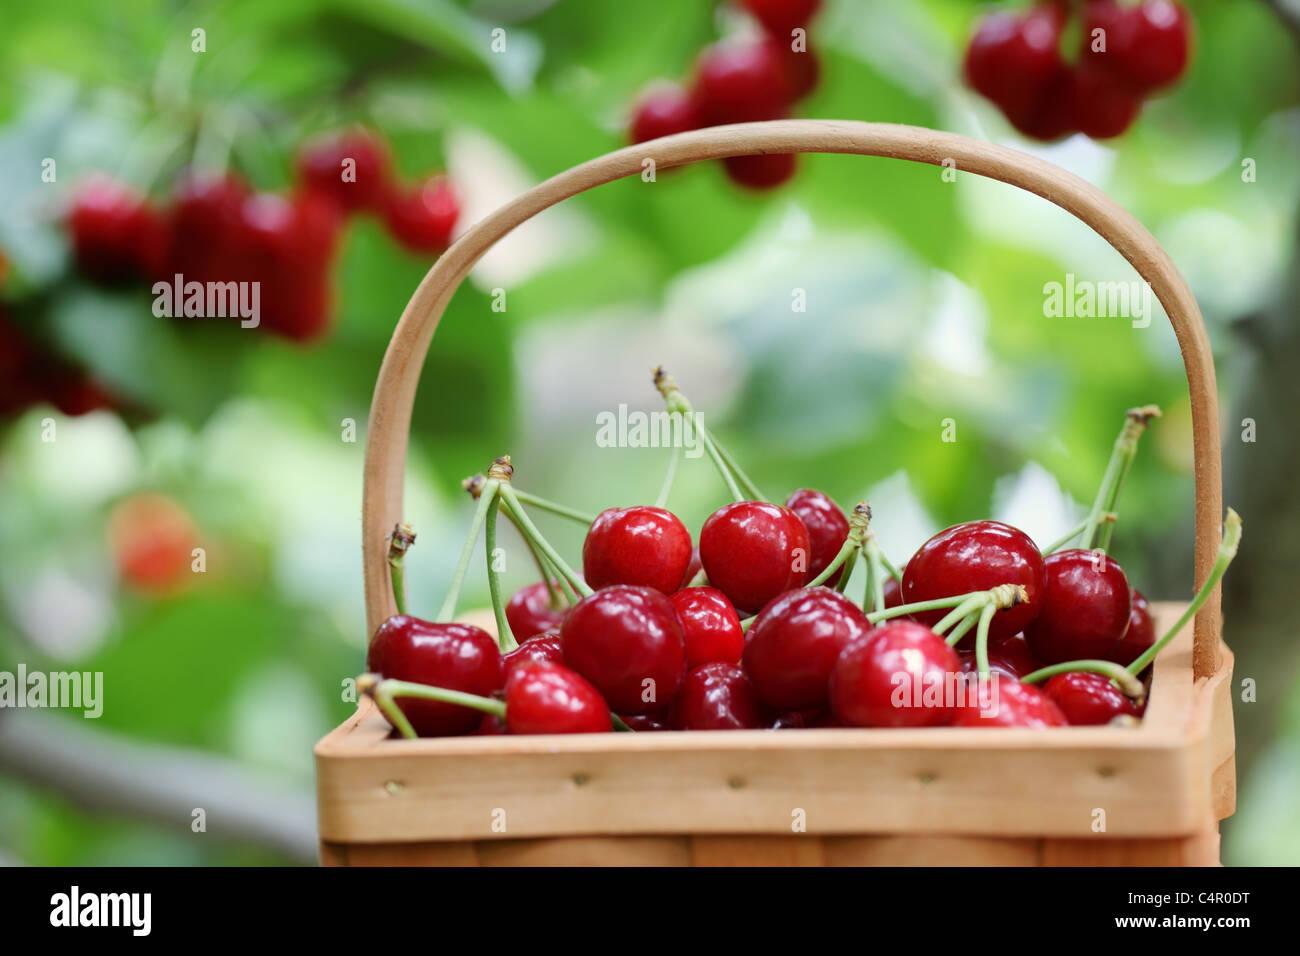 Las cerezas rojas frescas en una escena del huerto ,someras DOF. Imagen De Stock